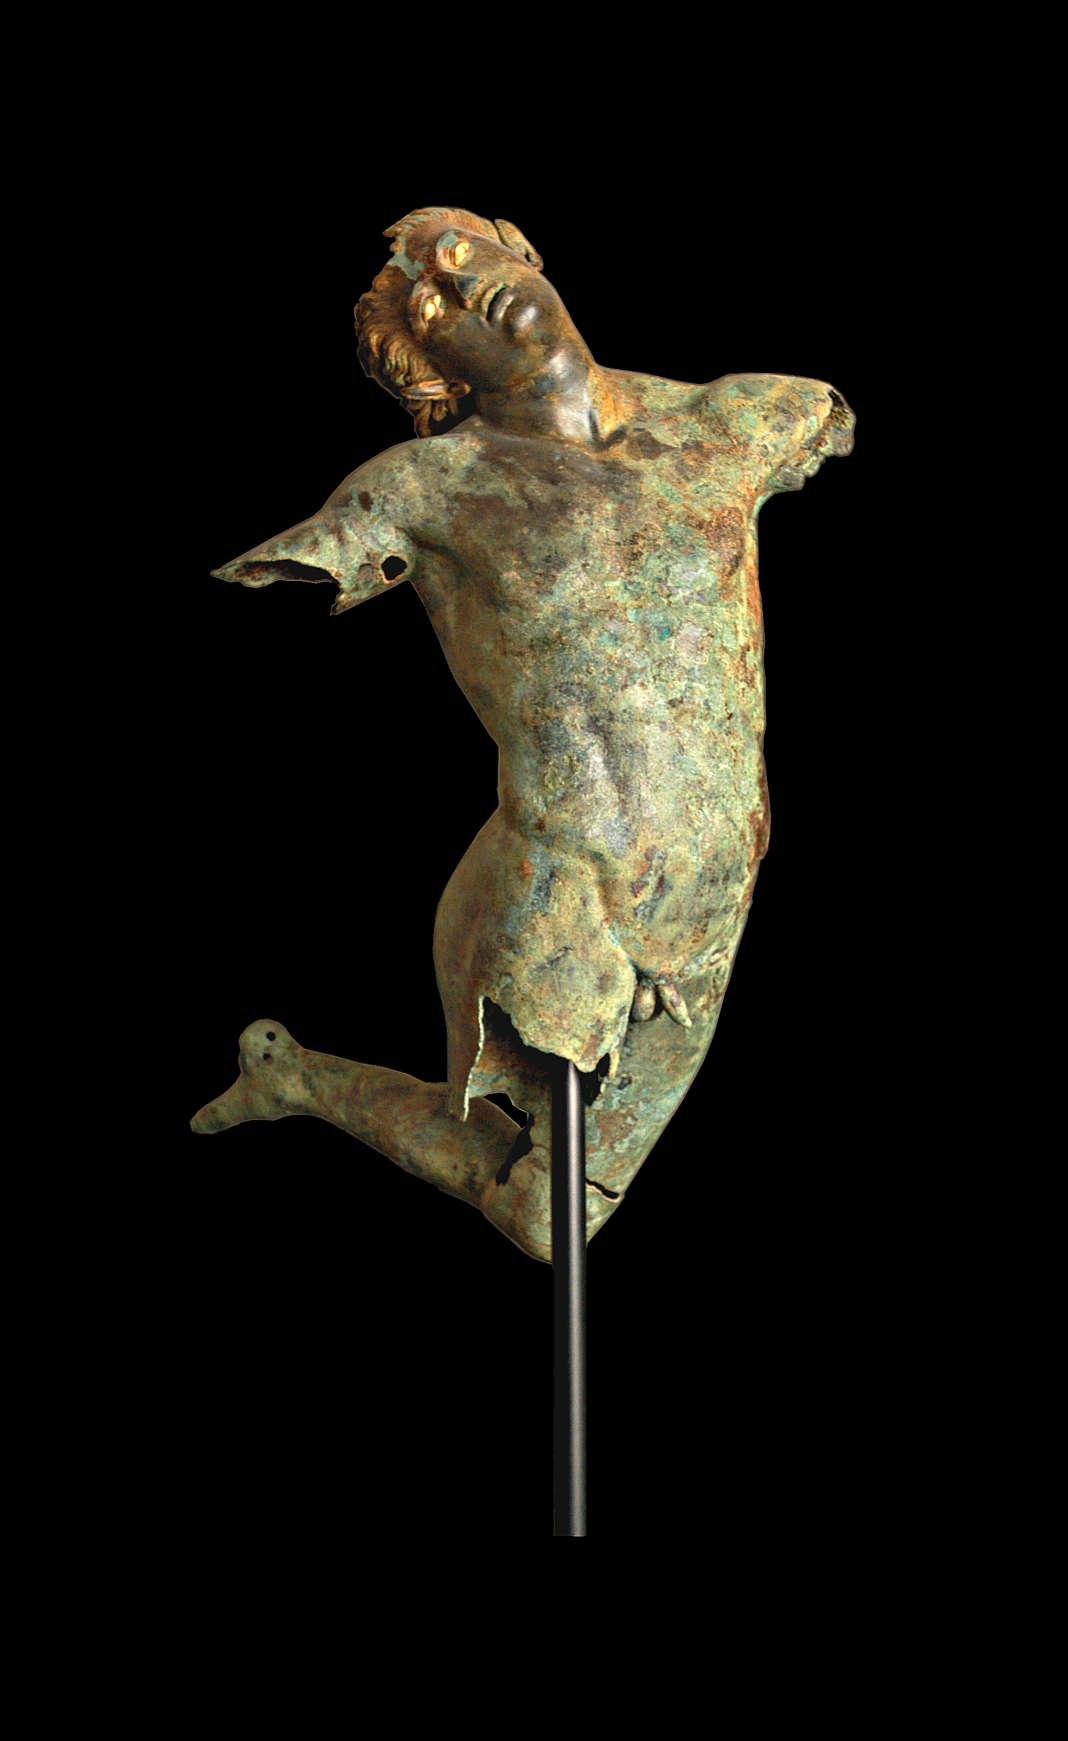 «Satyre dansant», en bronze (IVe siècle av.J.-C.). Repêché dans le détroit de Sicile, en 1998, il est exposé au Musée de Mazara del Vallo, en Sicile.